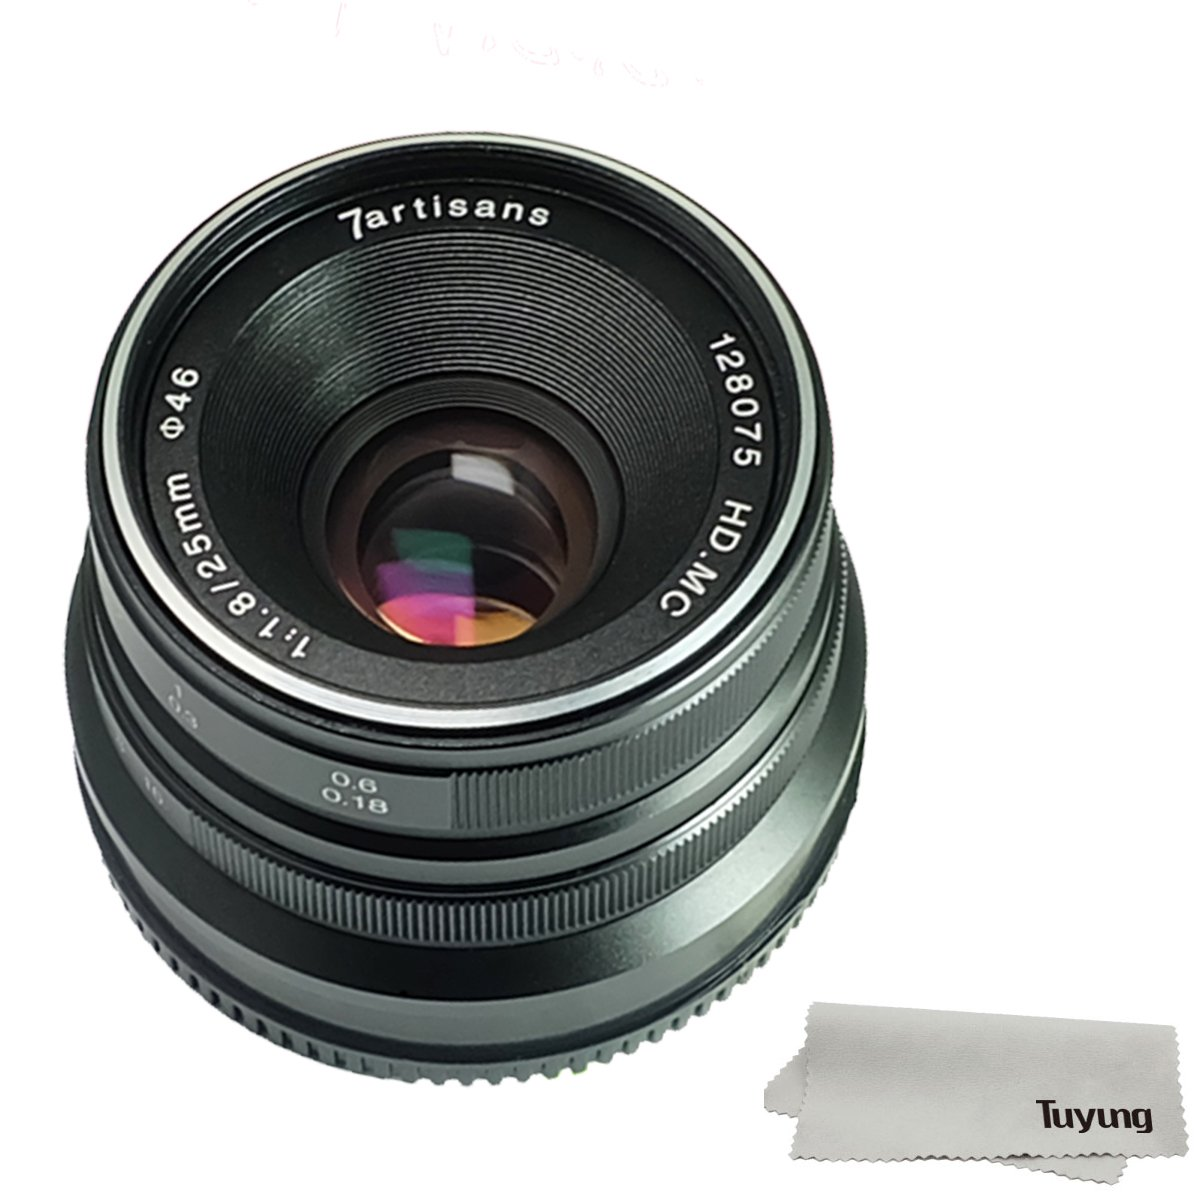 7artisans 25mm F1.8 Manual Focus Lens for Sony Emount Cameras Like A7 A7II A7R A7RII A7S A7SII A6500 A6300 A6000 A5100 A5000 EX-3 NEX-3N NEX-3R NEX-F3K NEX-5 NEX-5N - Black by 7artisans